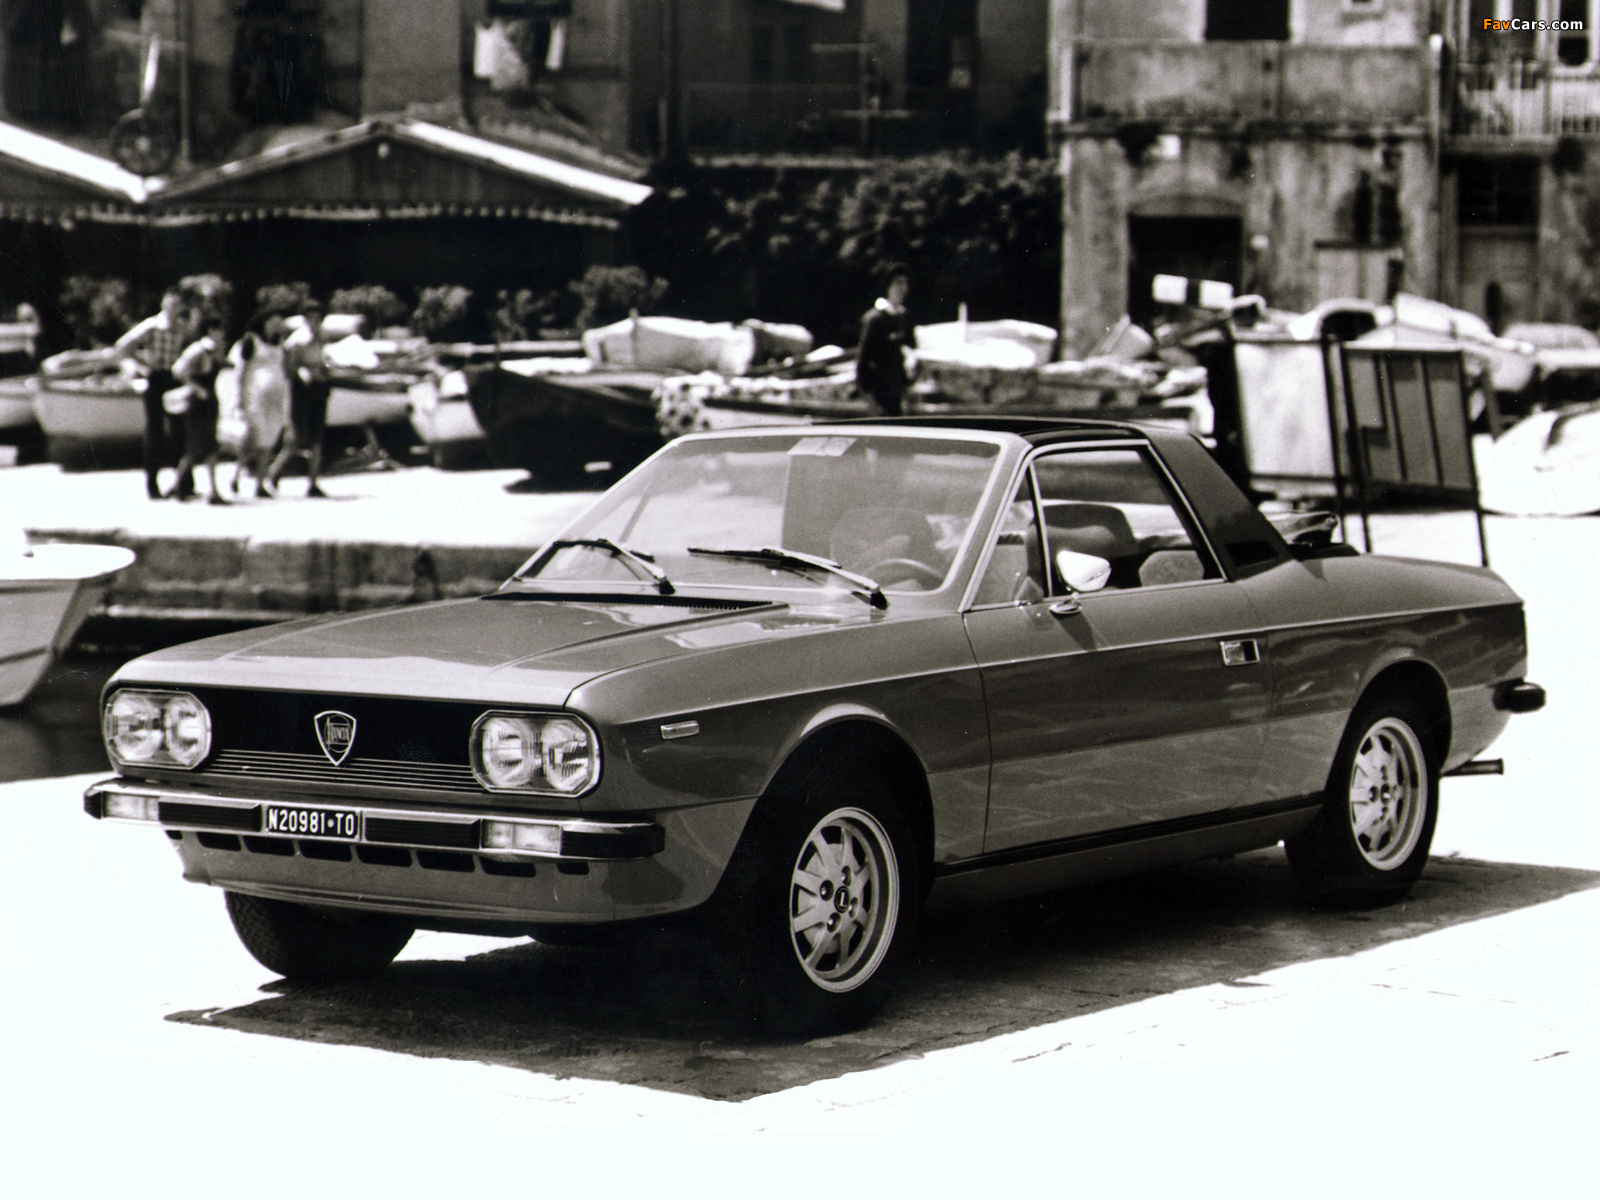 http://img.favcars.com/lancia/beta/images_lancia_beta_1975_1.jpg